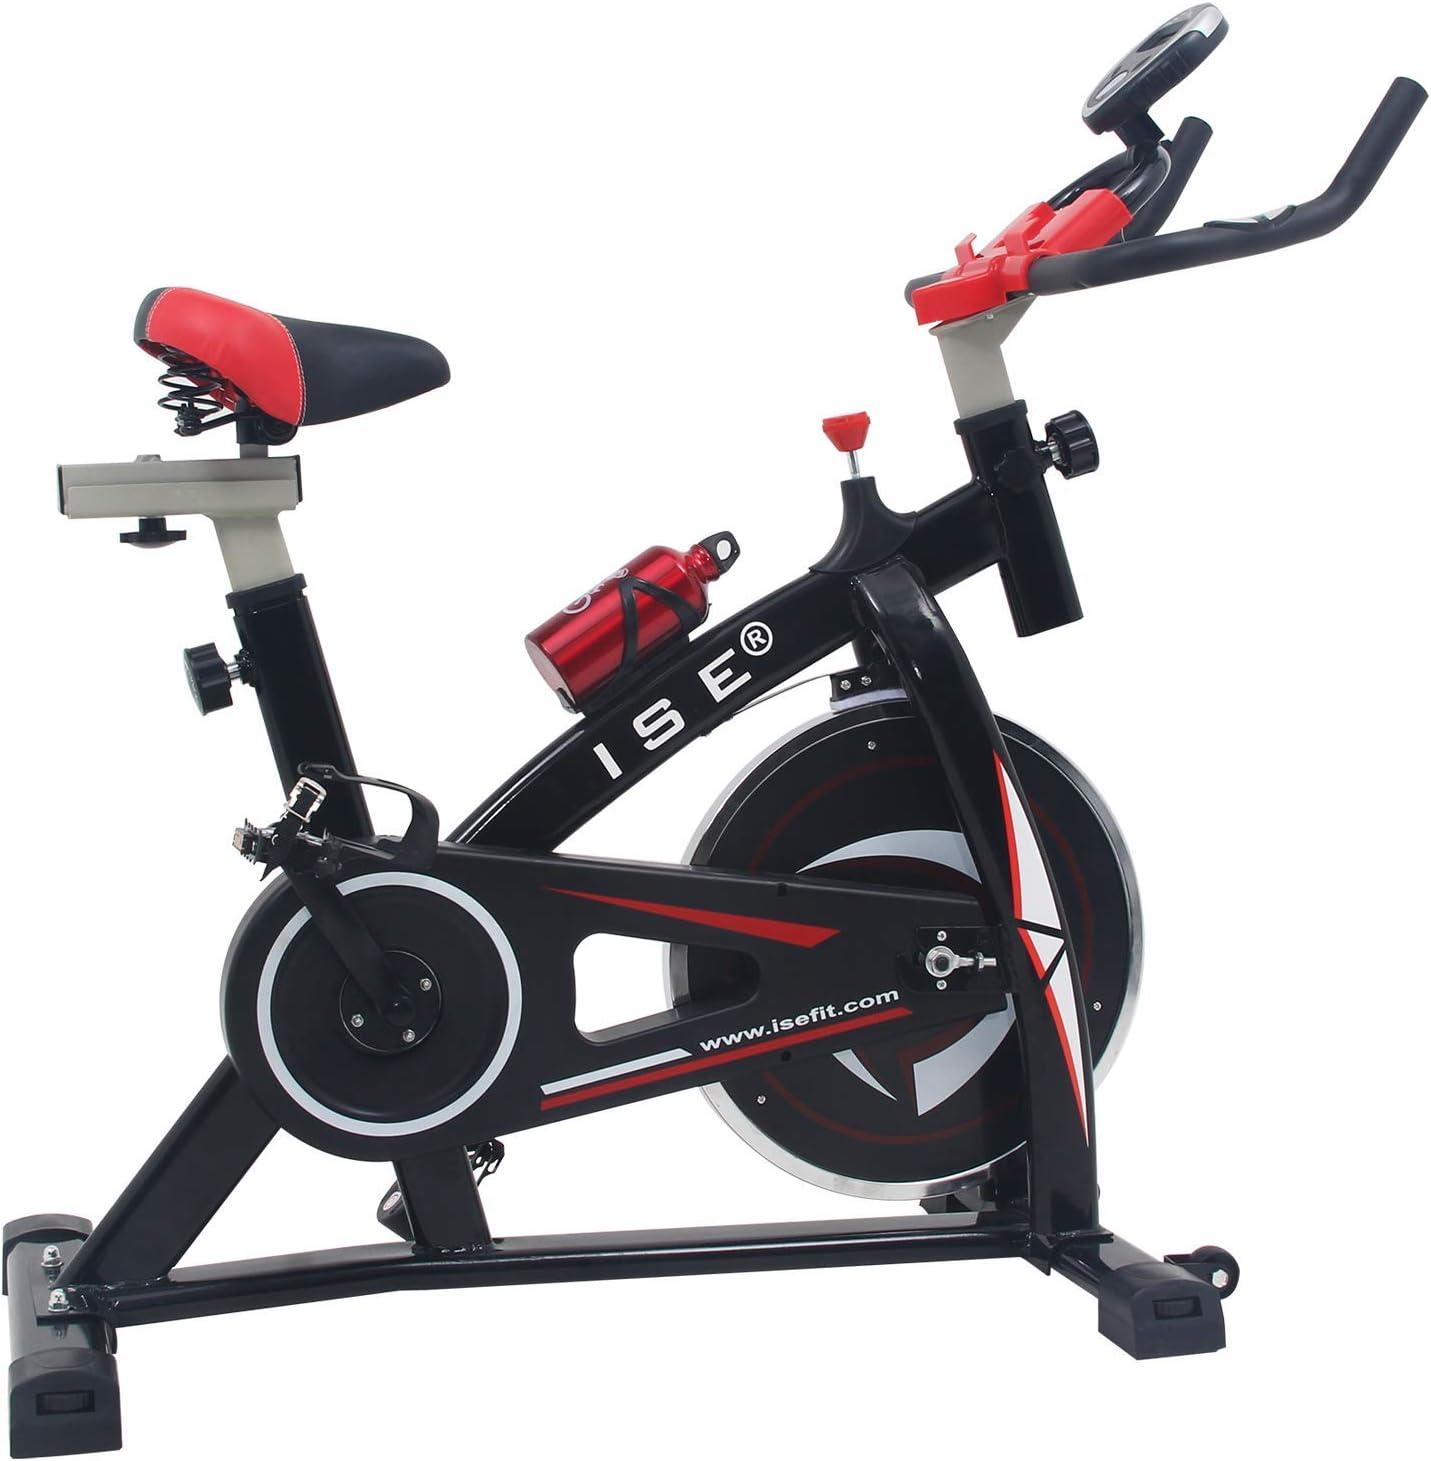 ISE Bicicleta Spinning Estática con Sensor de Pulso, Volante de ...